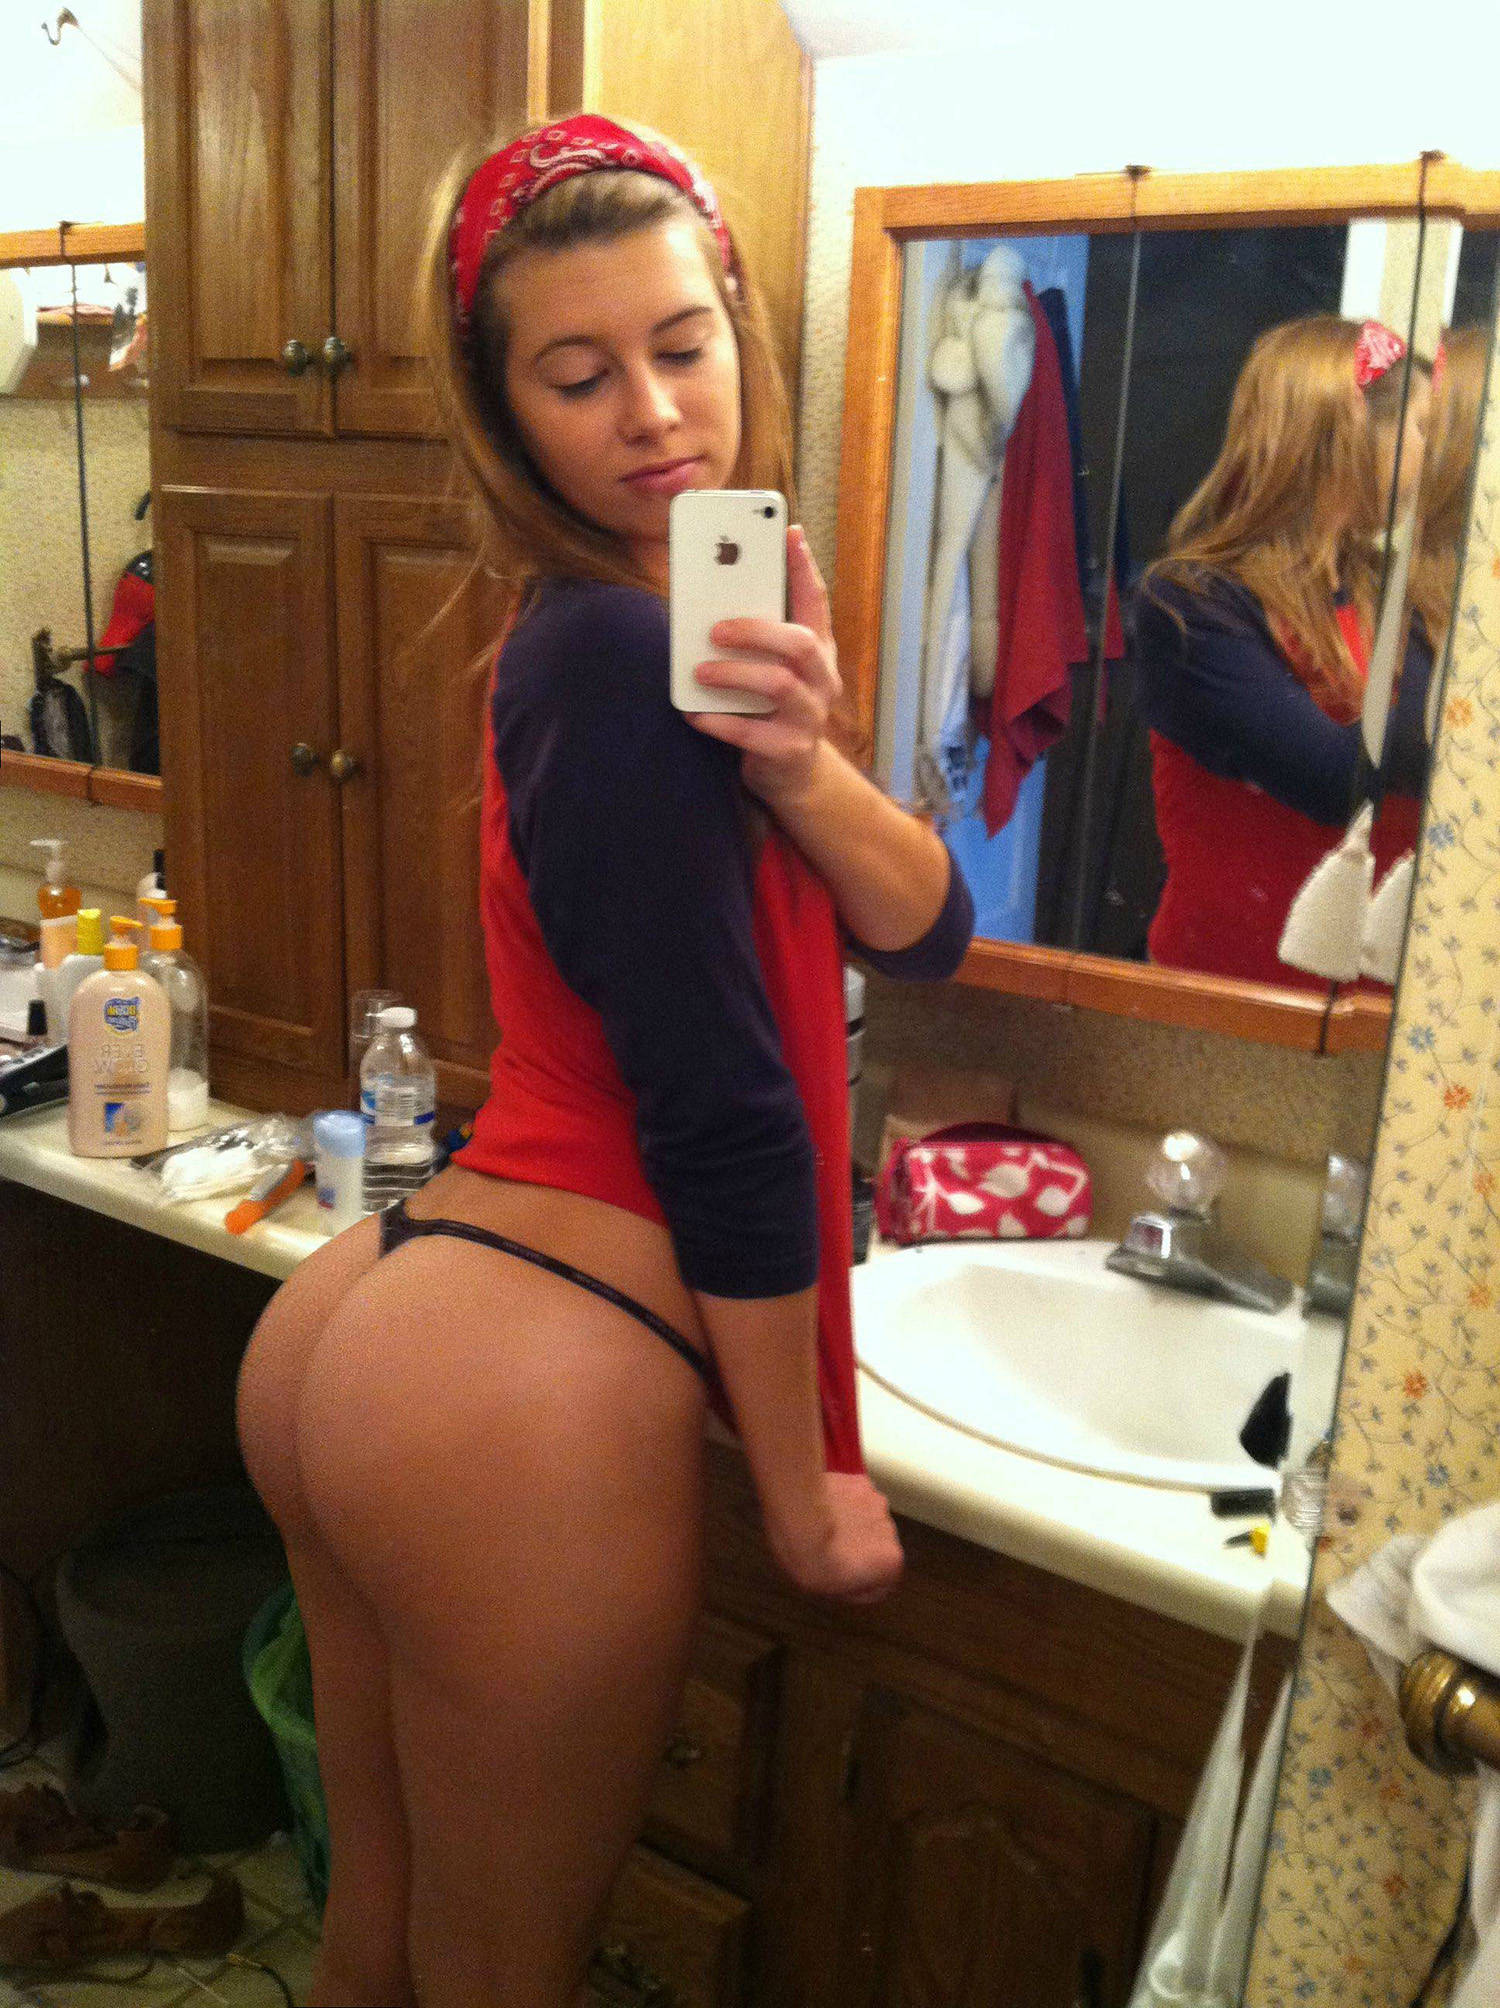 selfie Magnificent ass